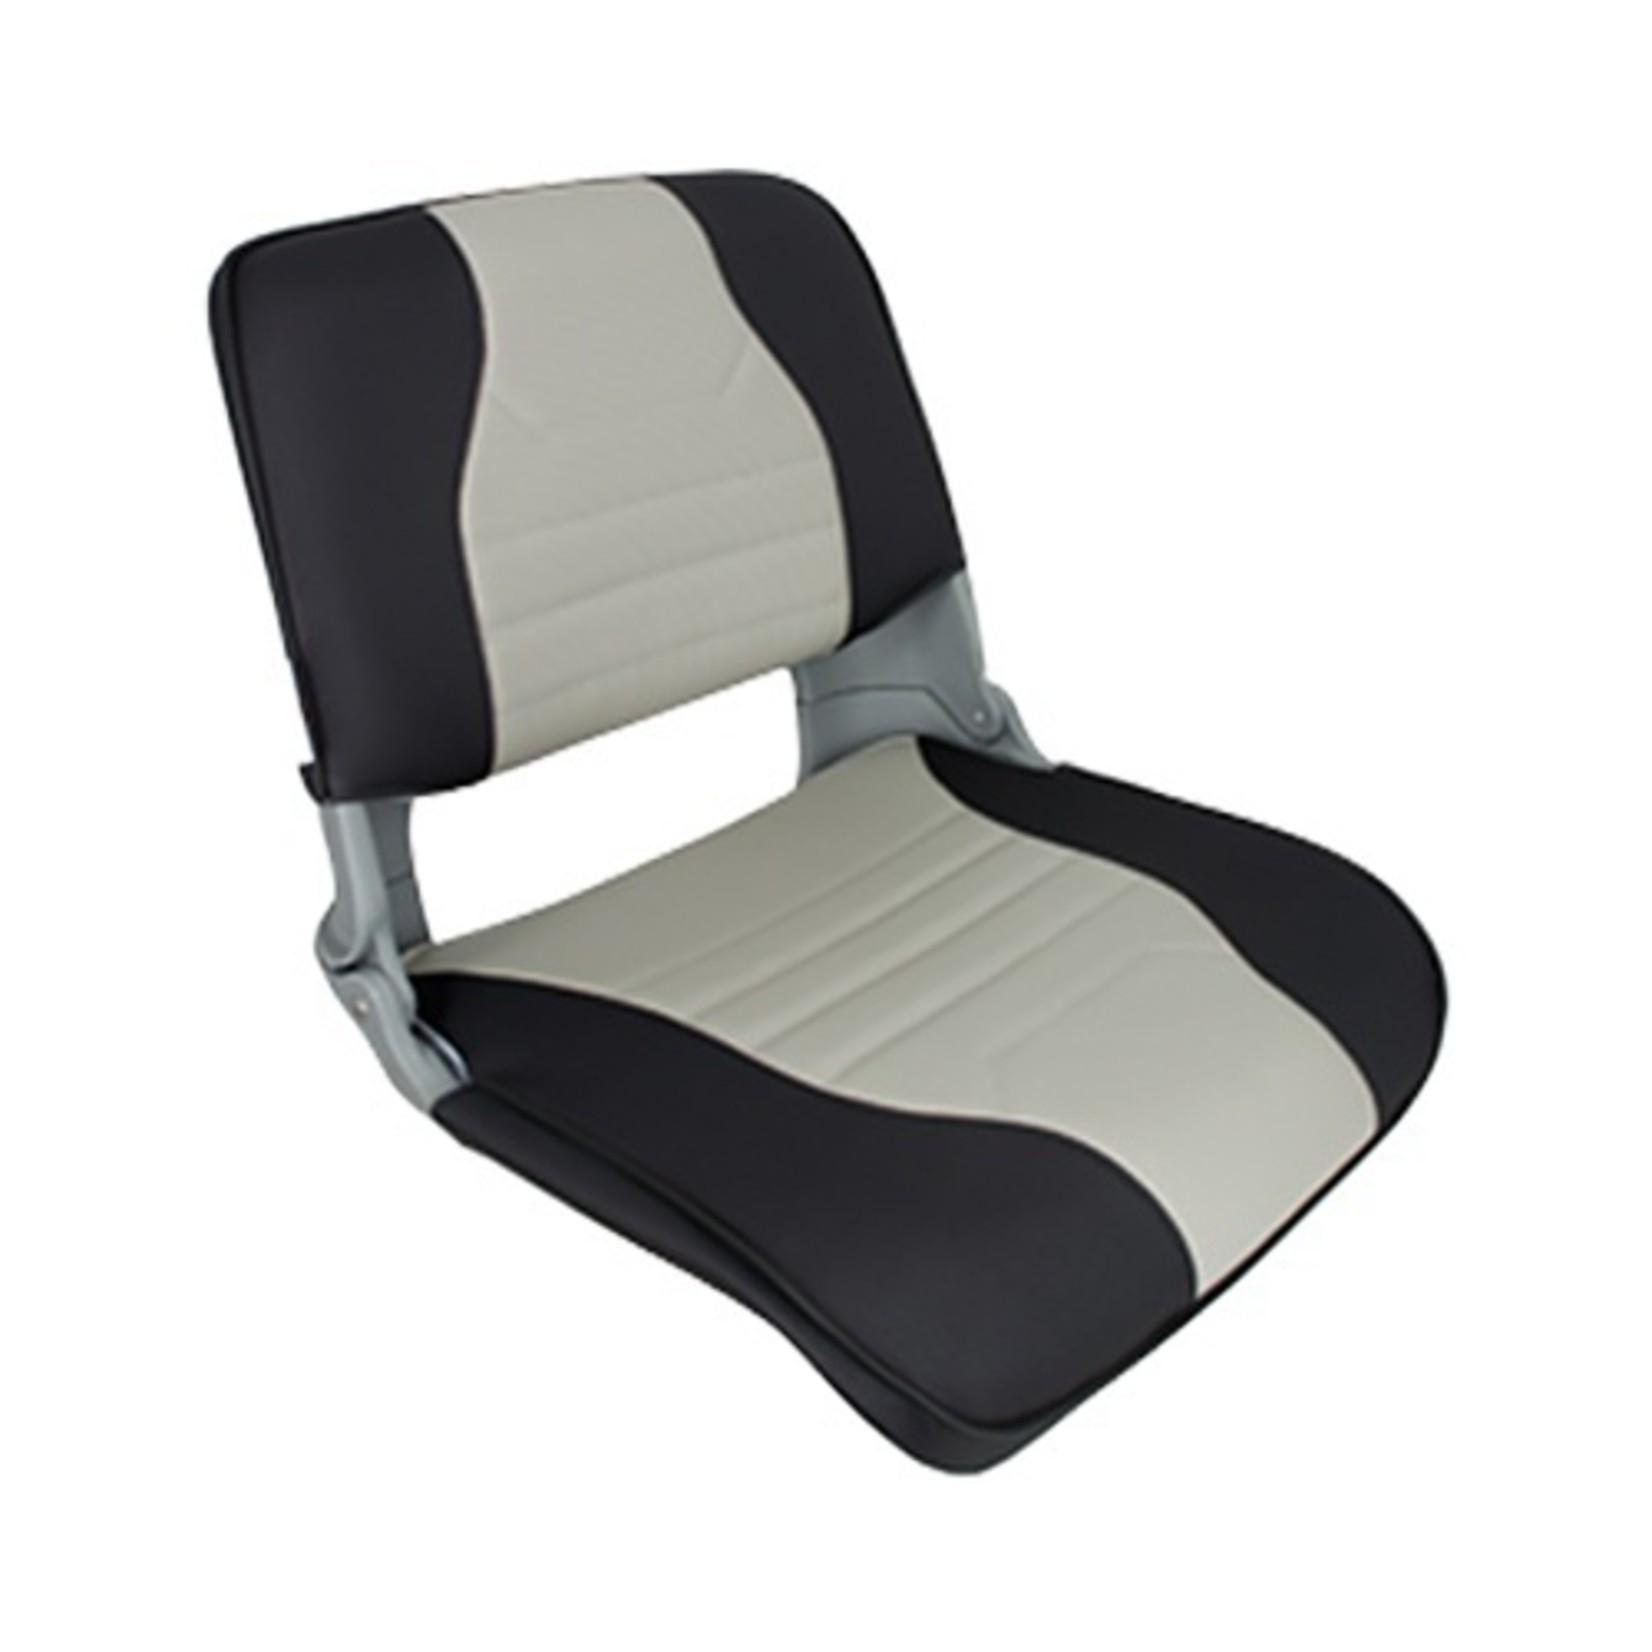 Allpa Skipper Deluxe - Folding Boat Seat